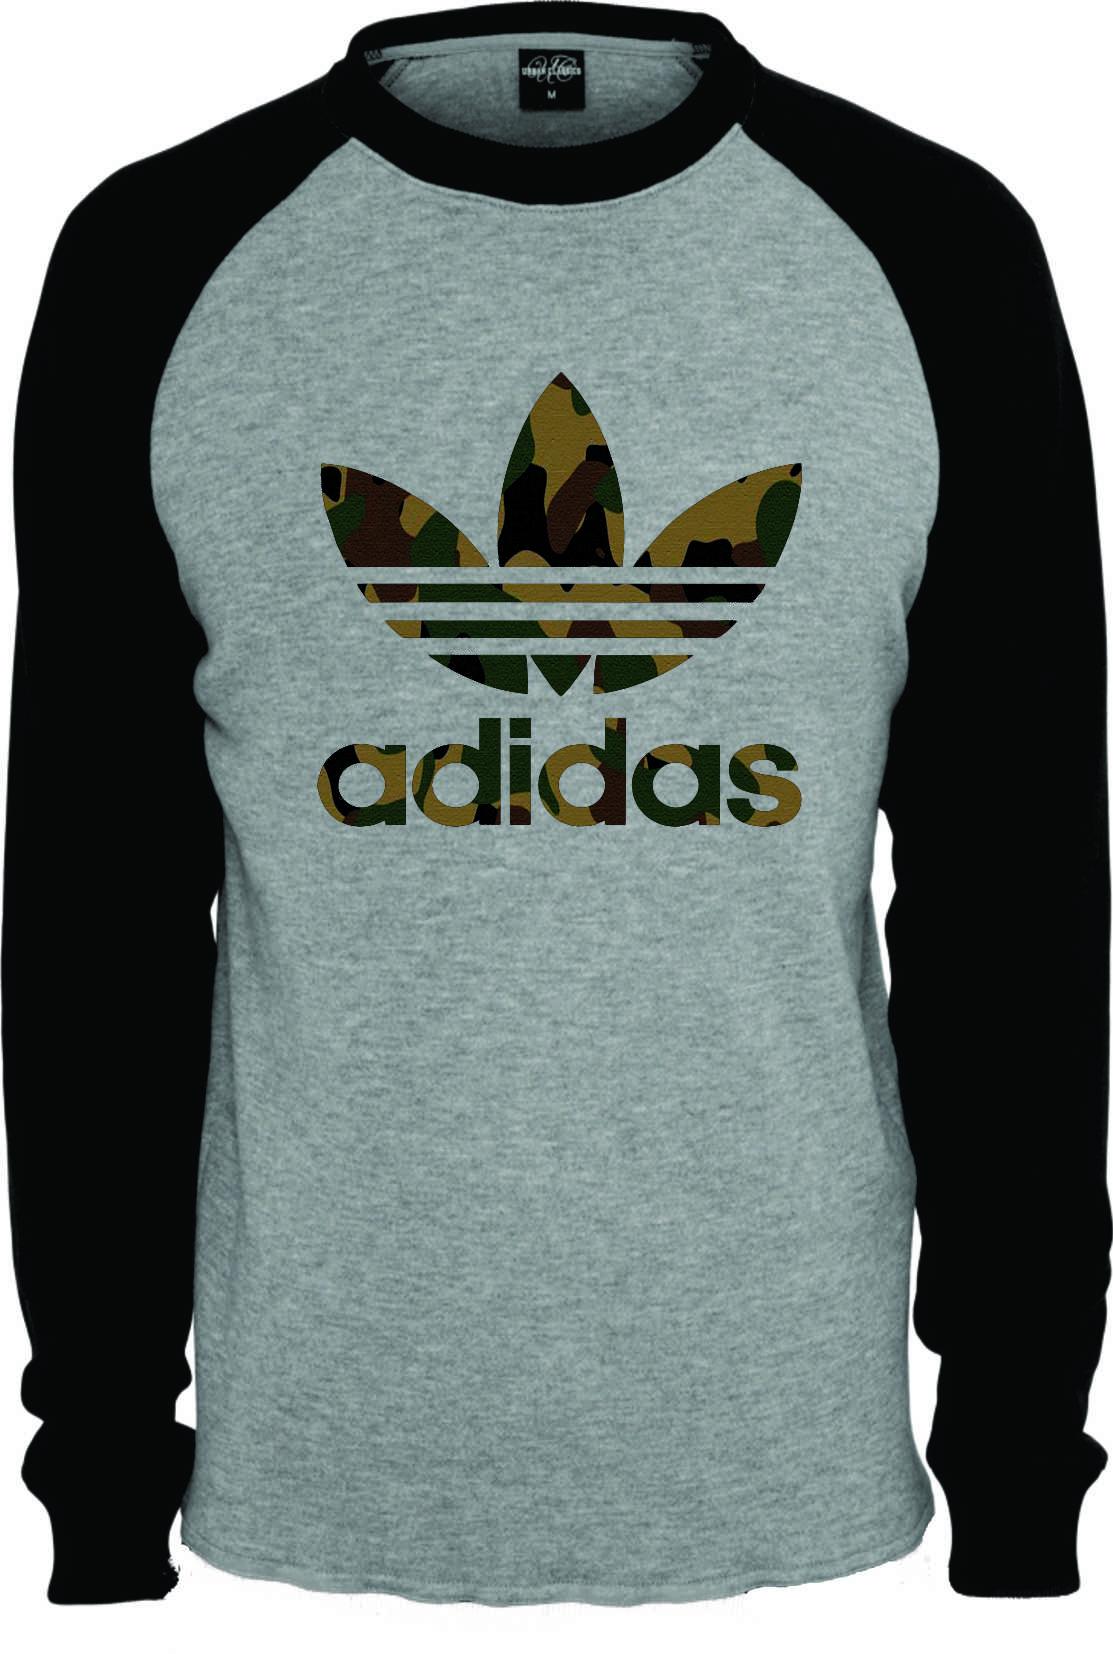 92475c85adb Camiseta Raglan Adidas Manga Curta no Elo7